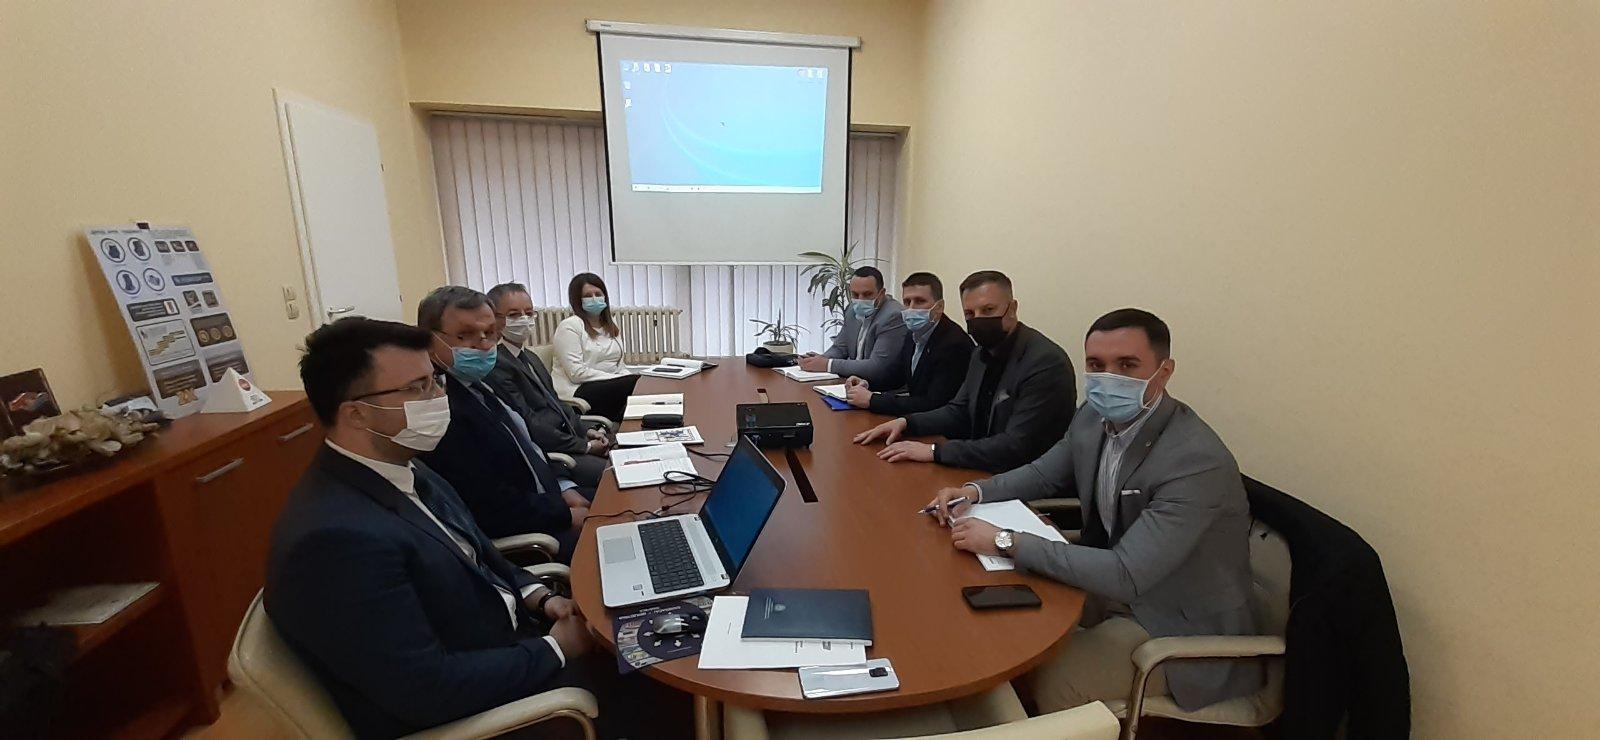 Министар саобраћаја и веза Недељко Ћорић у посјети Агенцији за безбједност саобраћаја